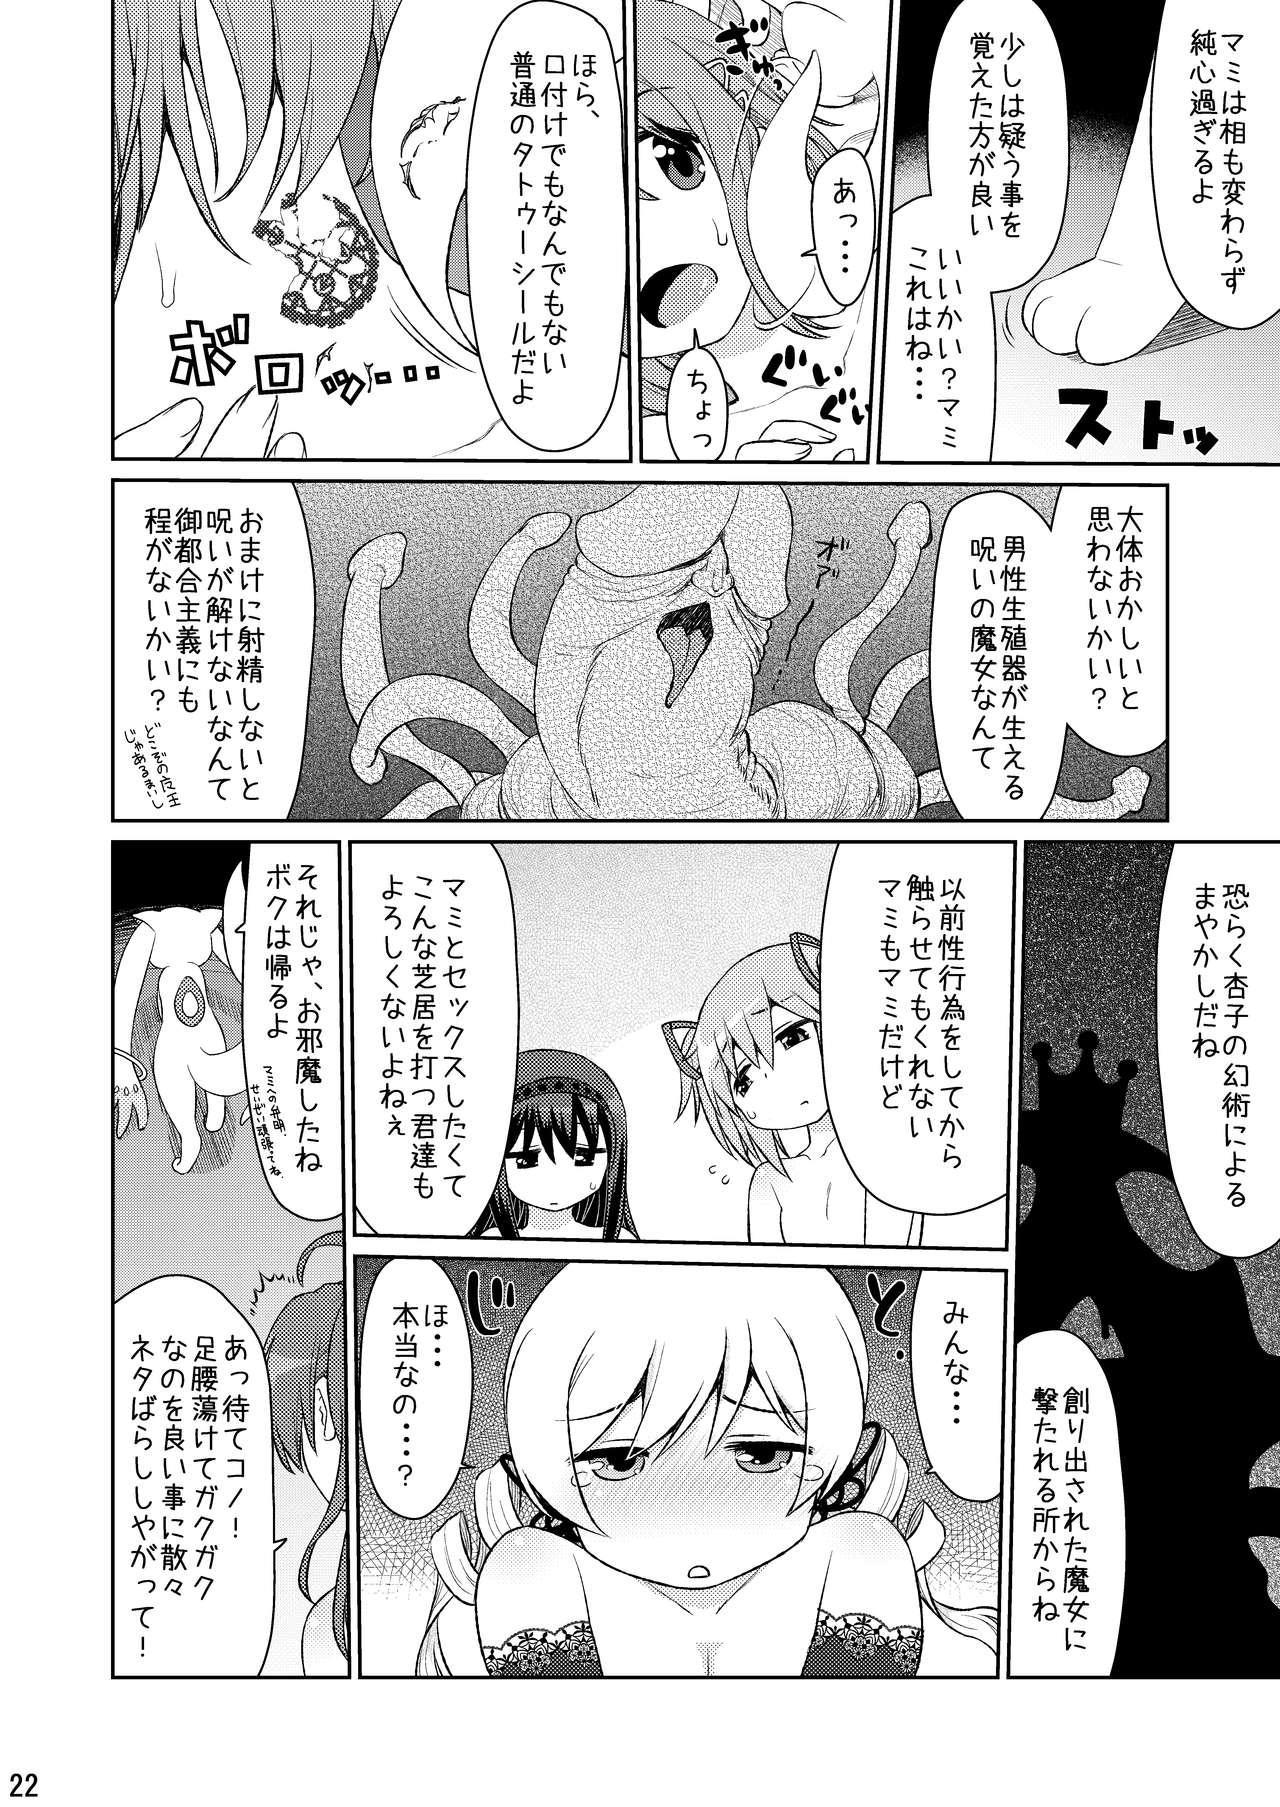 Ma ni Miirareshi Mahou Shoujo wa Mi o Kurai Suitsukusu 2 21